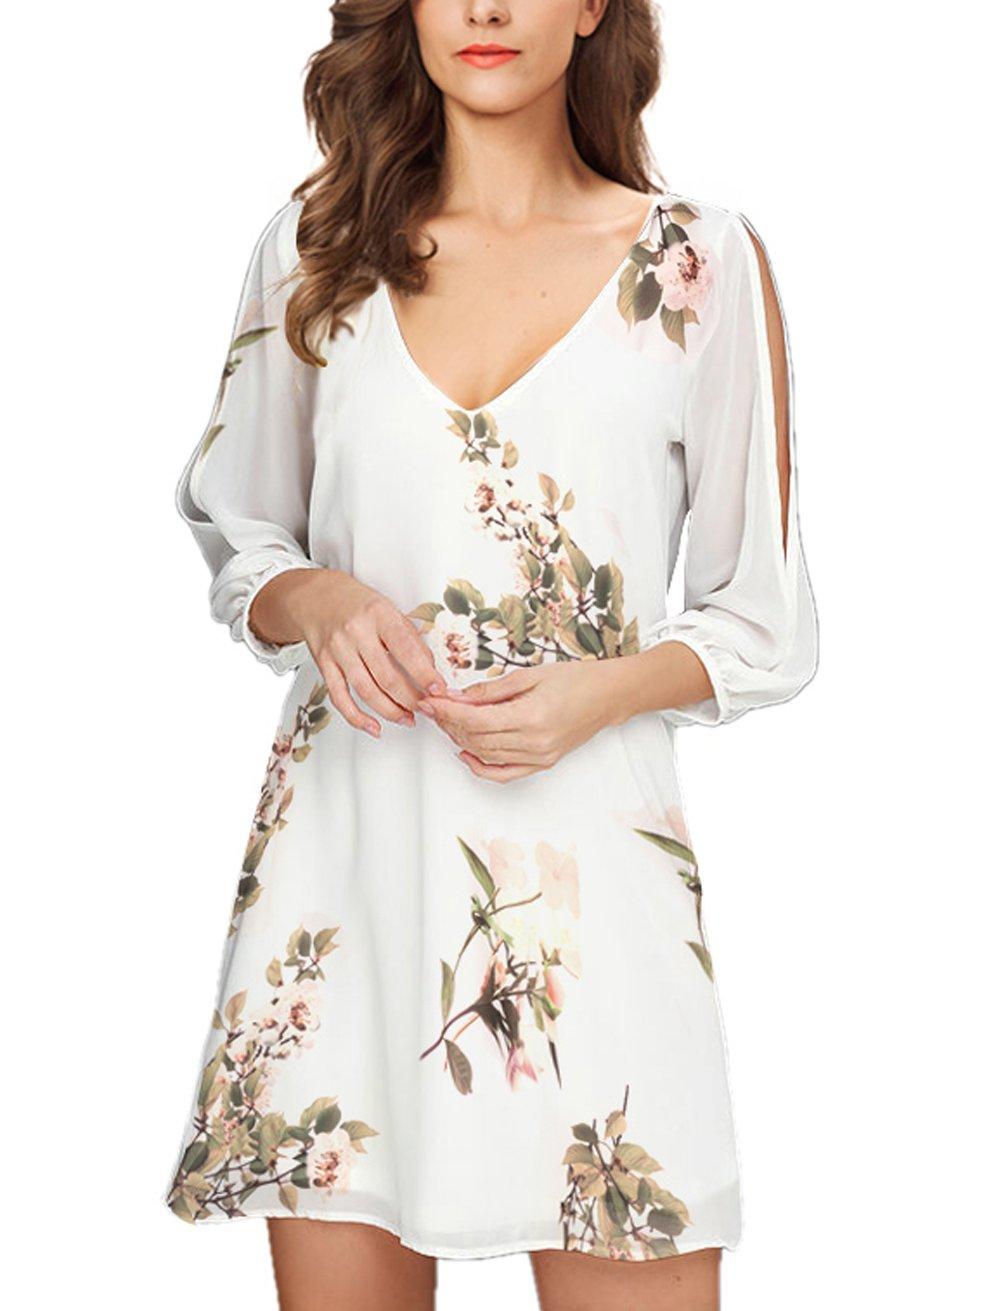 Noctflos Women's Summer V-Neck Floral Printed Cold Shoulder Loose Short Dress